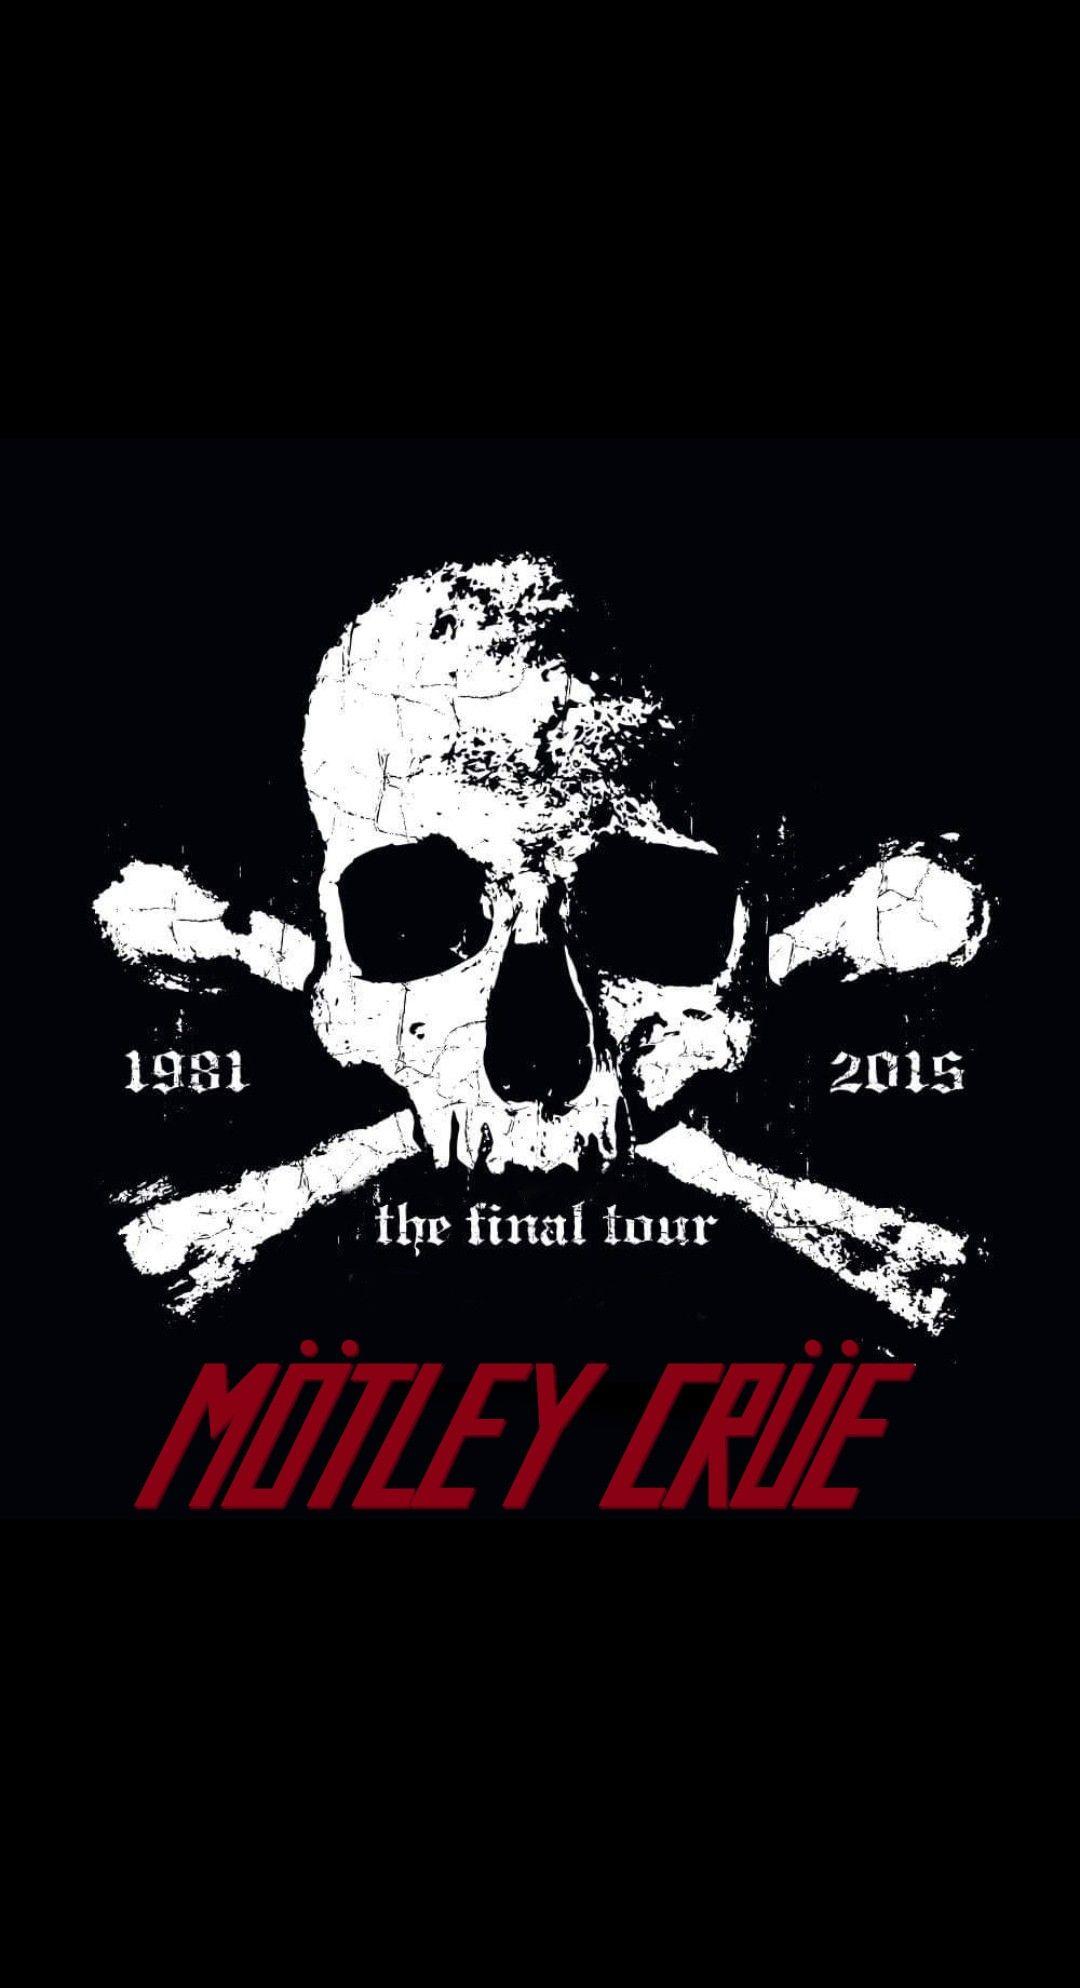 Motley Crue Skull The Dirt Wallpaper Iphone Phone Band Wallpapers Motley Crue Poster Motley Crue